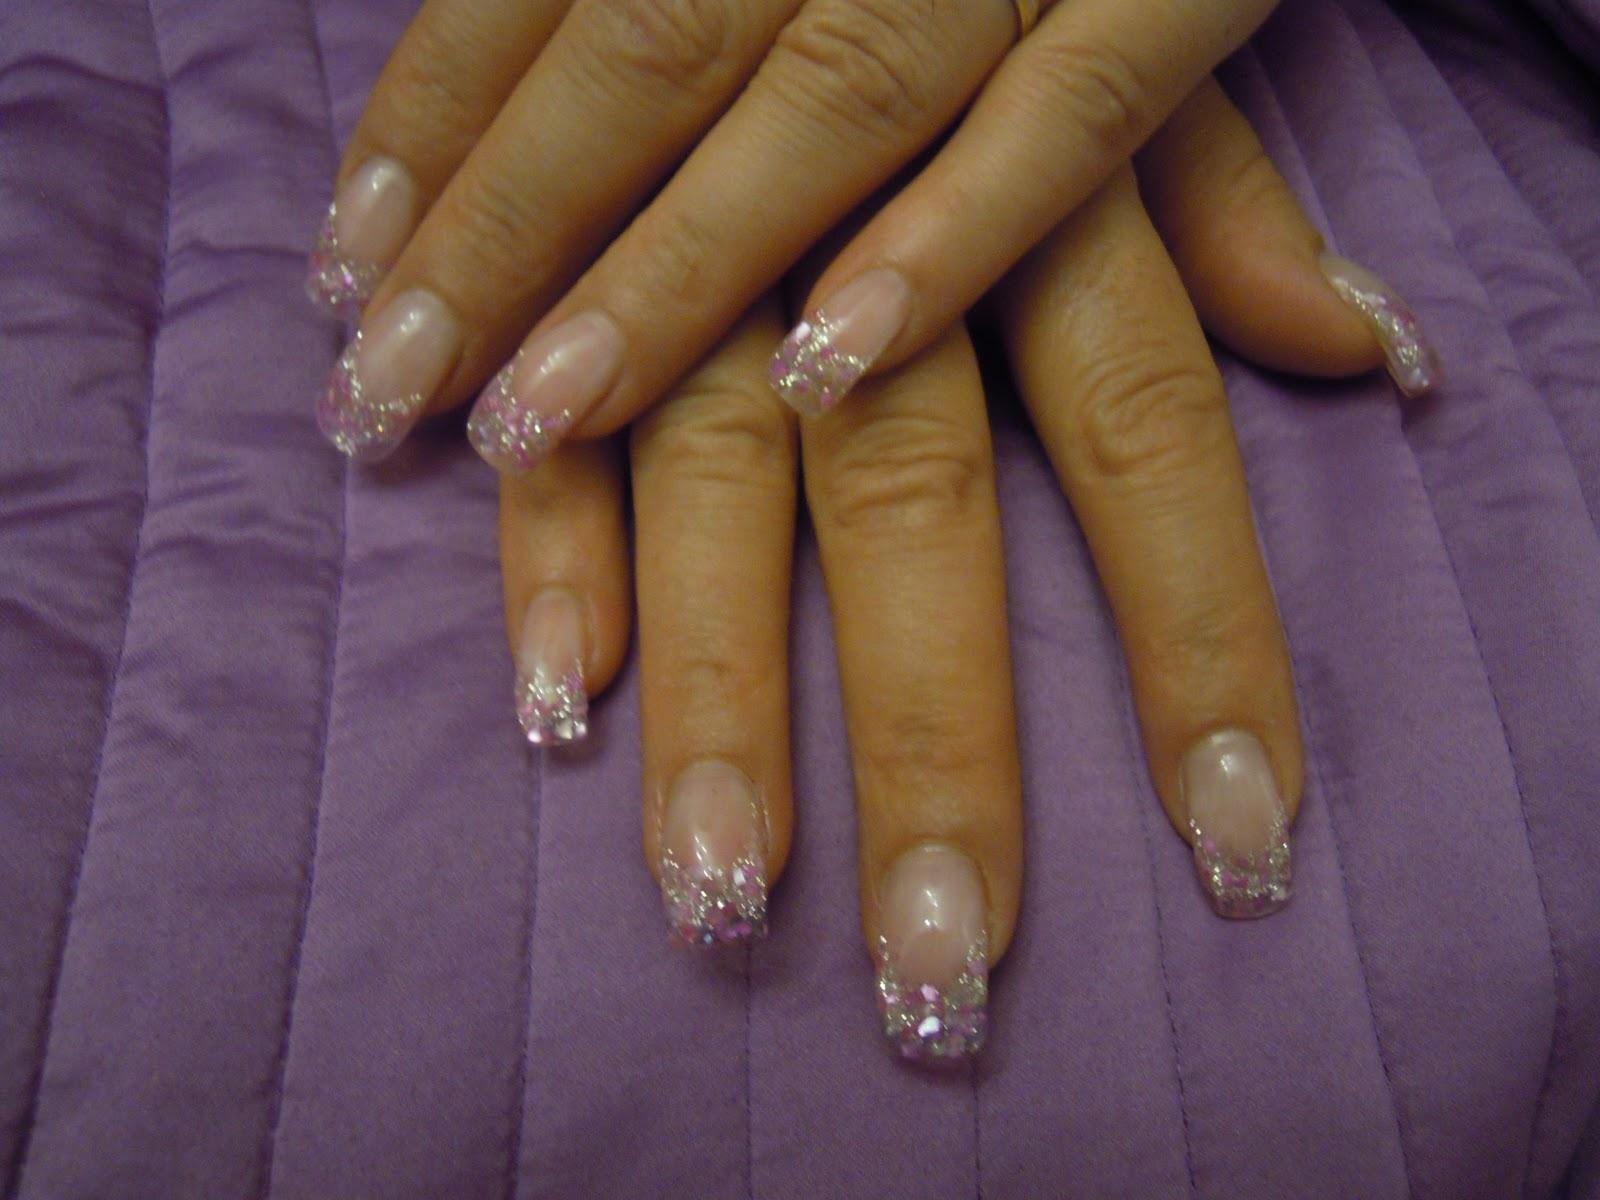 Uñas decoradas - Decoracion de uñas - Diseño de uñas